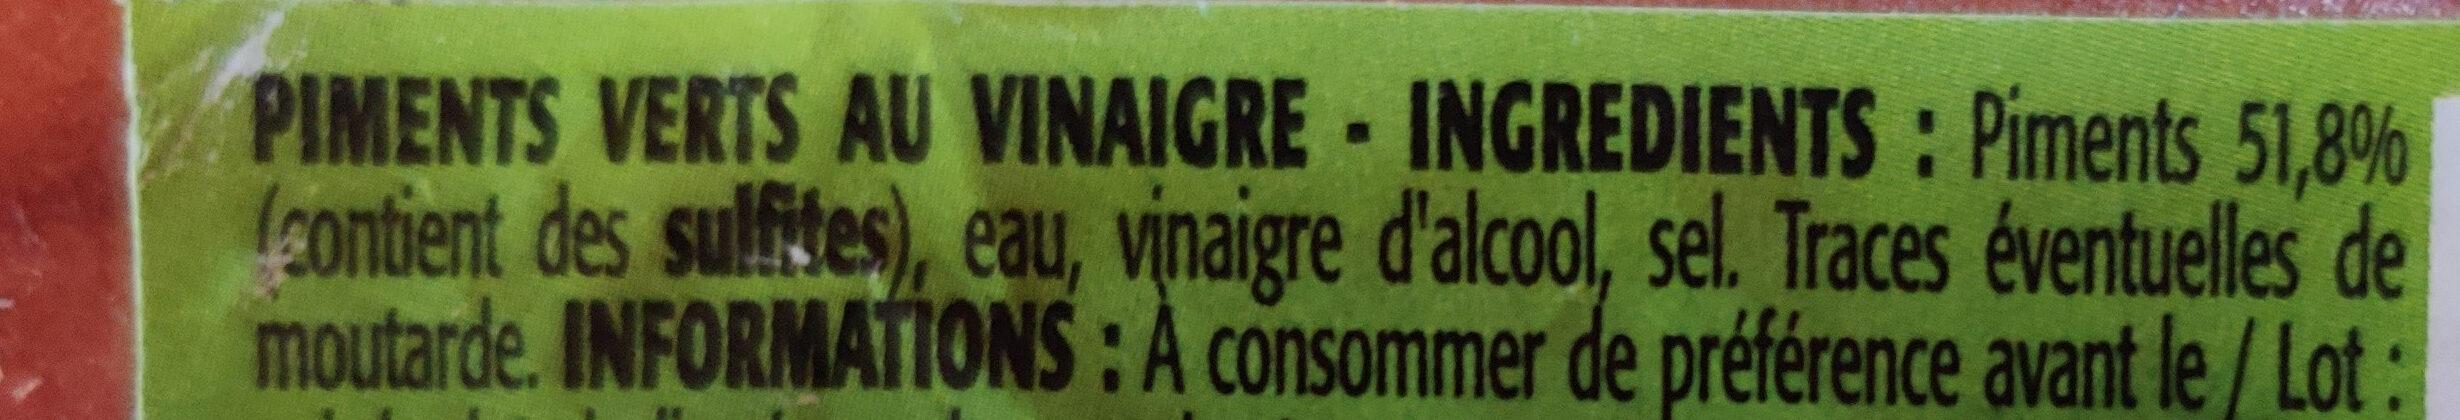 Mini piments verts - Ingrédients - fr